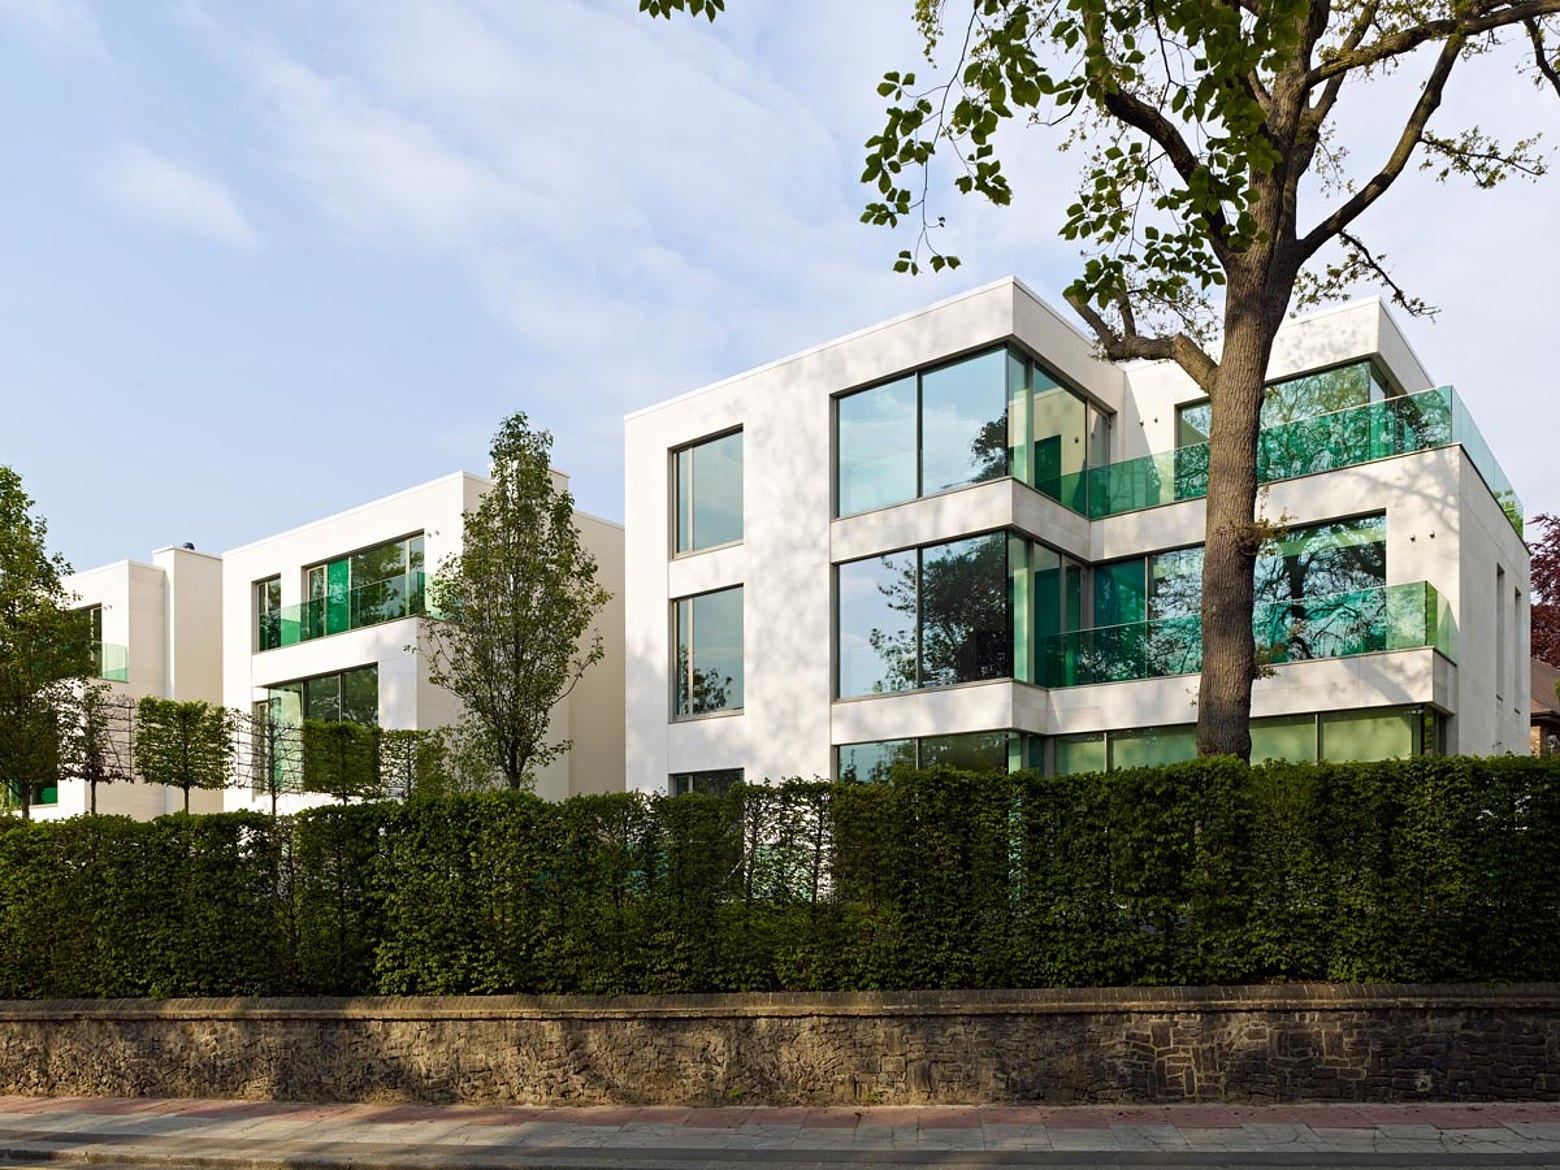 Wärmegedämmte Fenster, Türen und Verglasungen, forster unico Heath West, GB-London